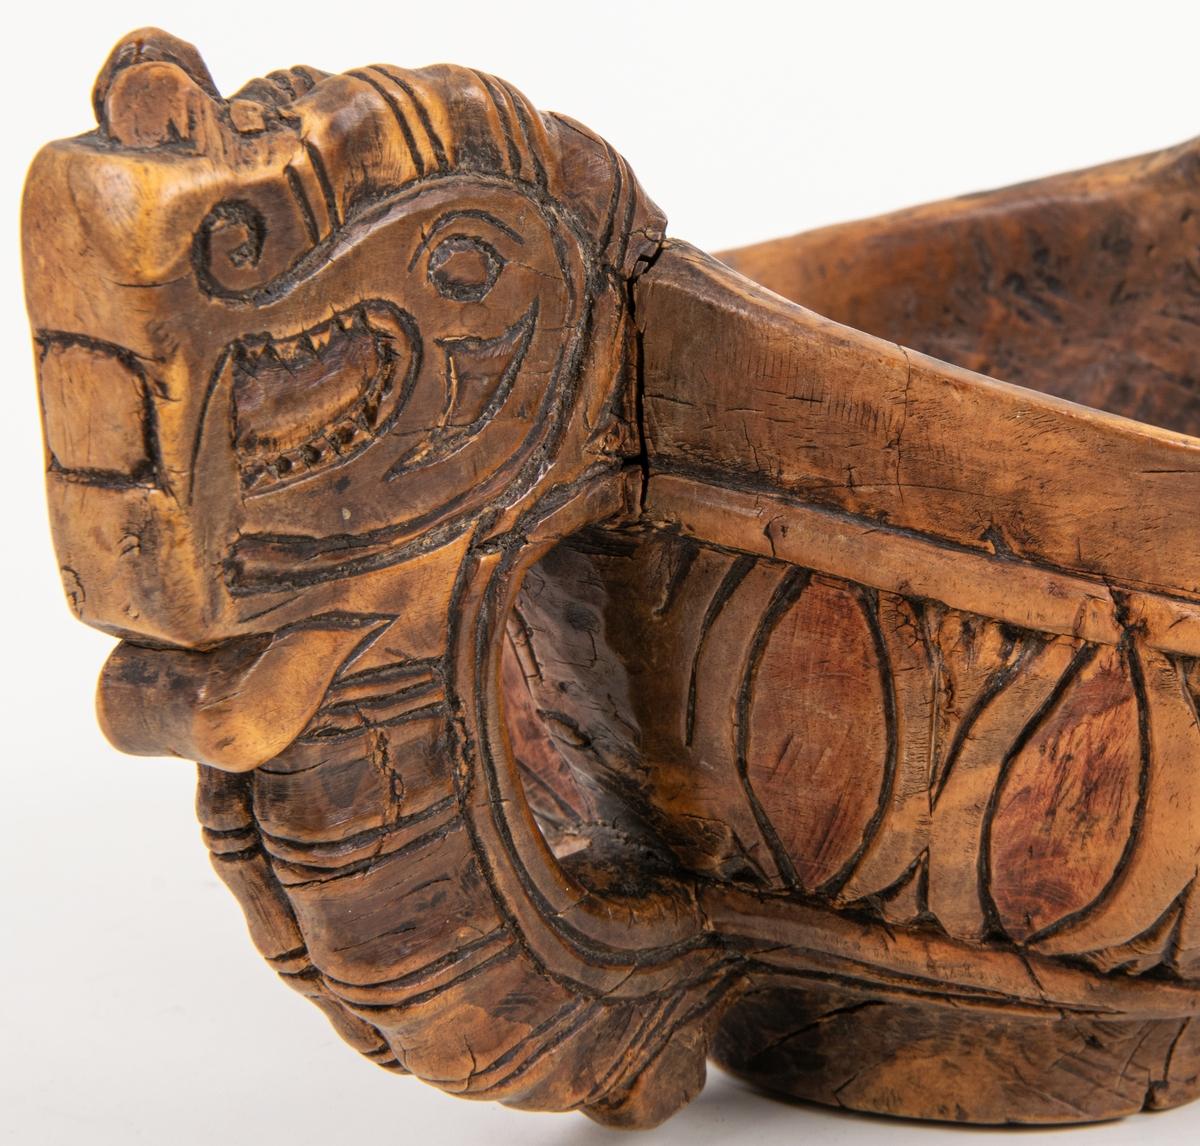 """""""Kåsa"""", """"bröllopsskål"""", av masurbjörk med reliefdjurhuvuden på handtagens övre del, nedre delarna repstavsartade. Runt yttersidans buktning är utskuret bucklor med lodräta skåror. Här finns spår av röd färg.  Jfr. silverkåsornas form. Märkt: IAS 1638. Dalarna, Orsa socken."""